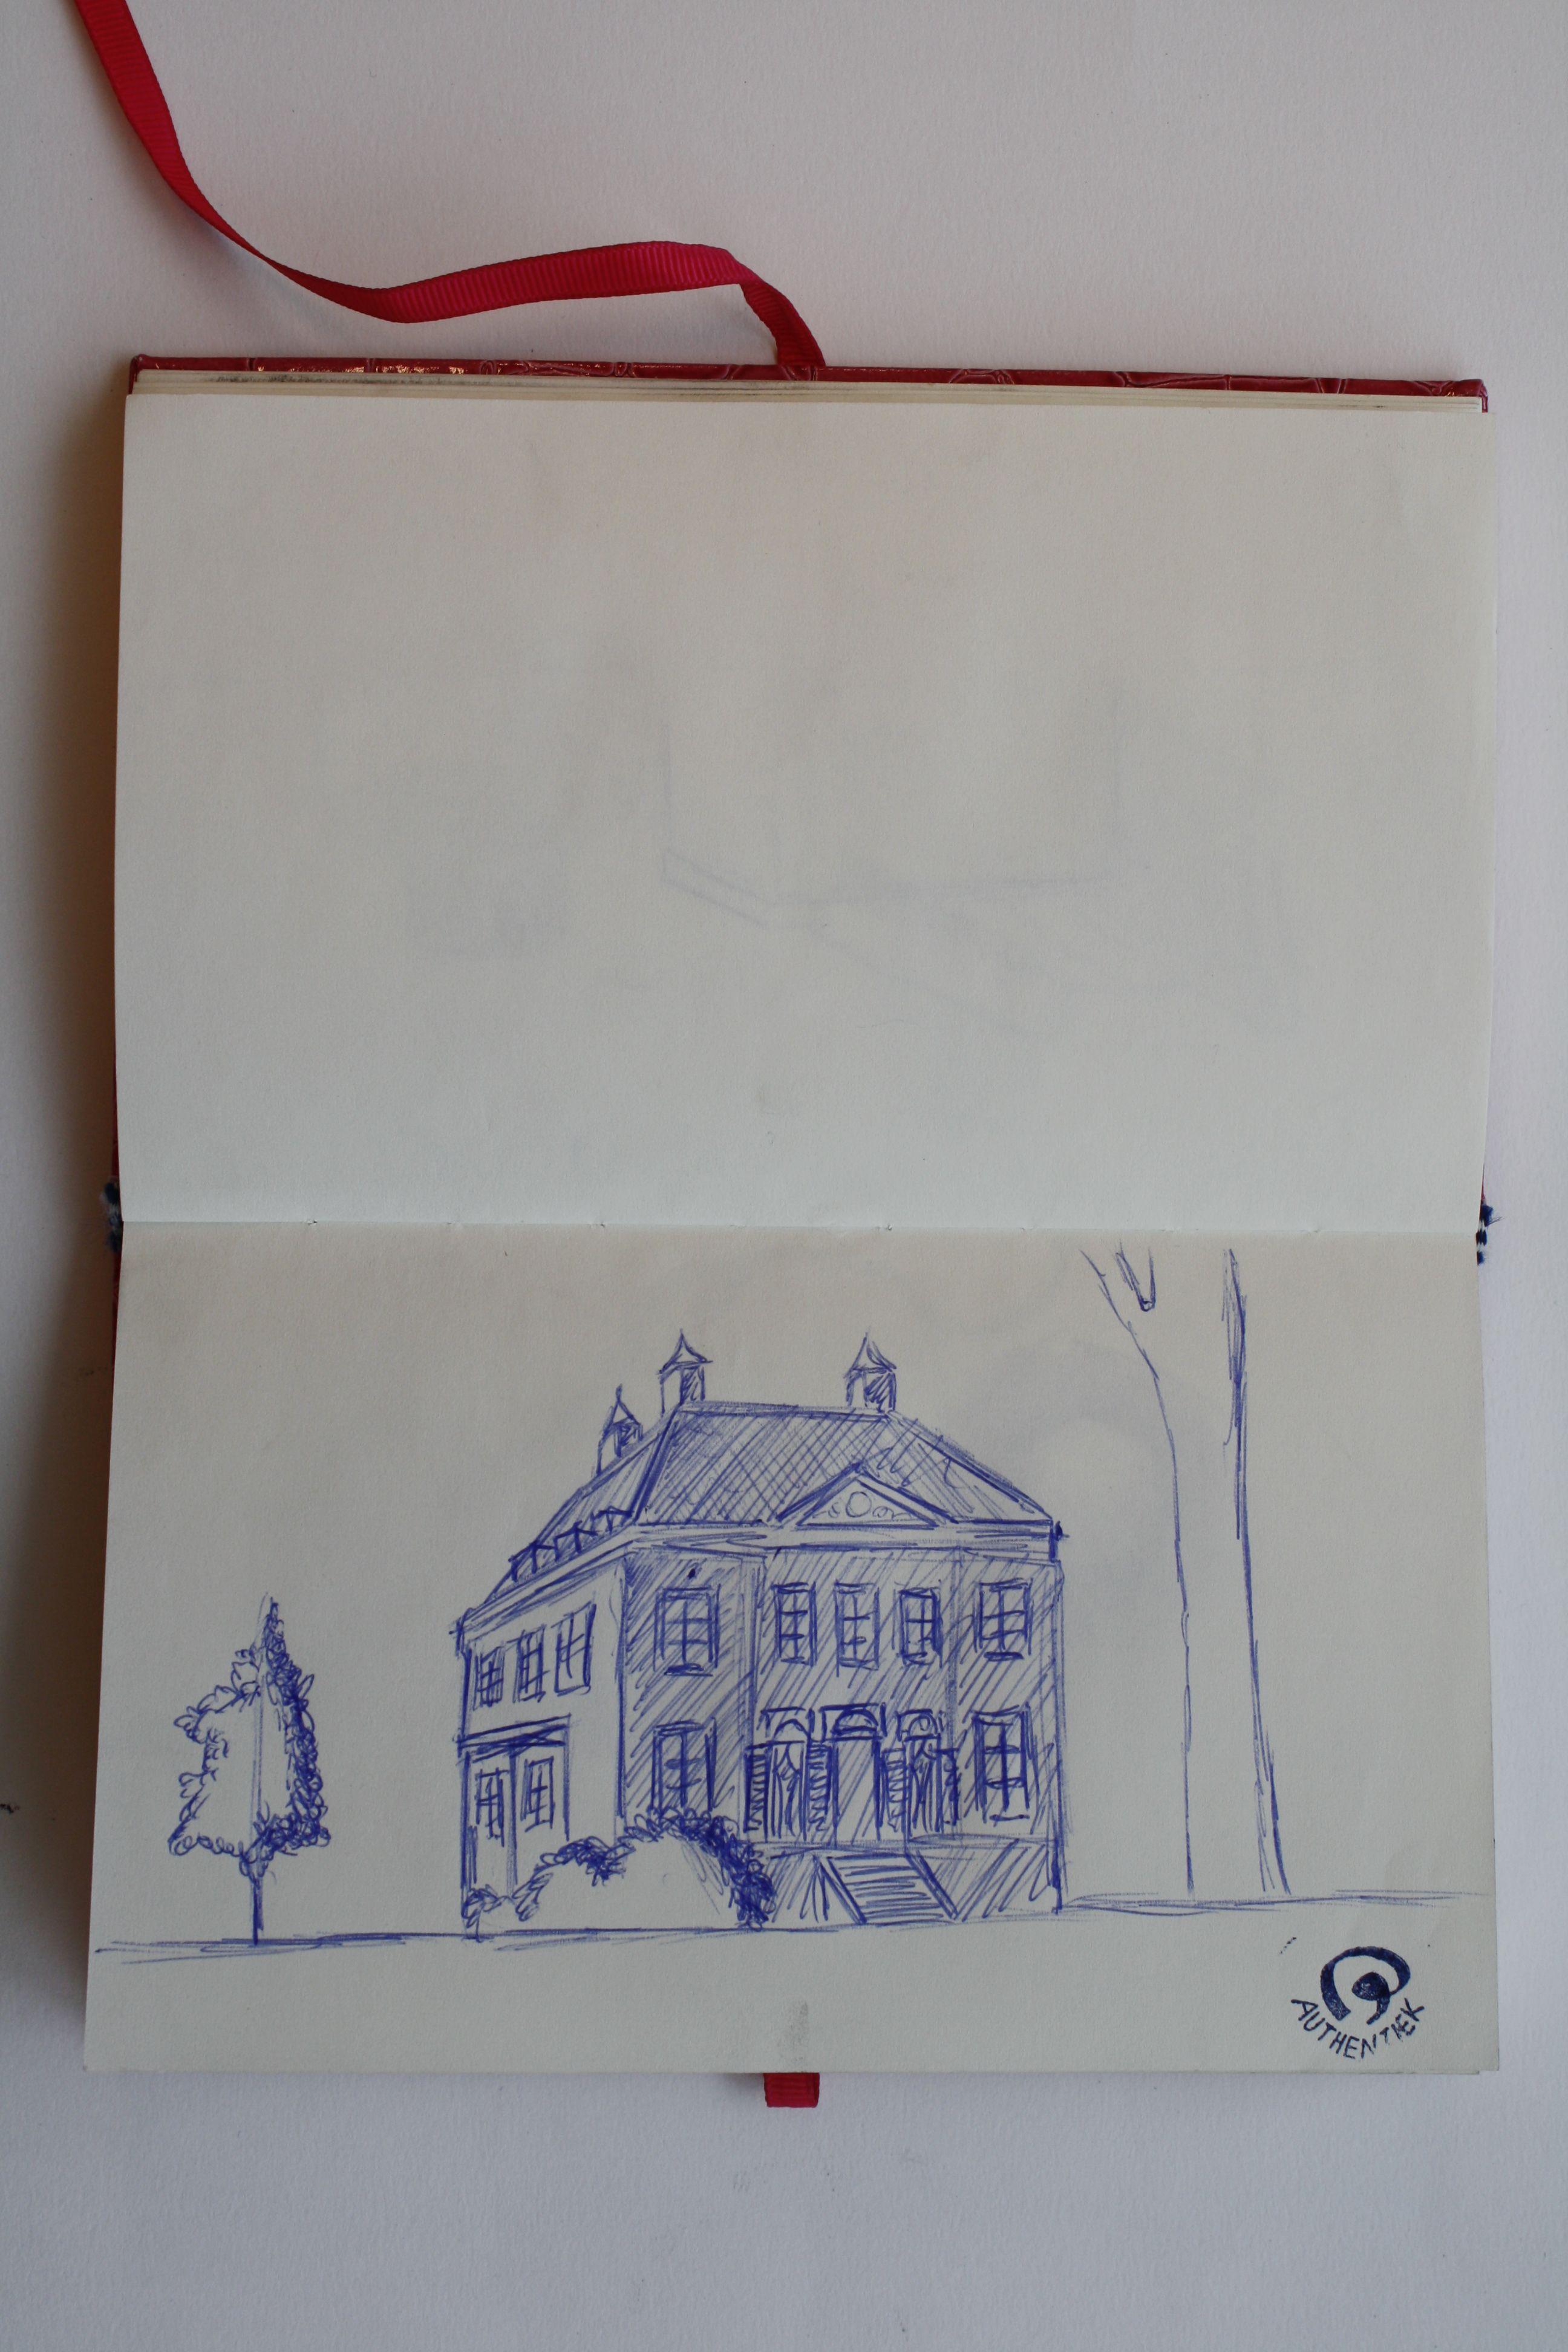 's Gravaland, NL. De buitenplaats is gebouwd in de periode 1778-1786, door Gerrit Corver-Hooft.  Parkaanleg door Zocher jr. in het begin van de 19e eeuw.  Oscar van Leest